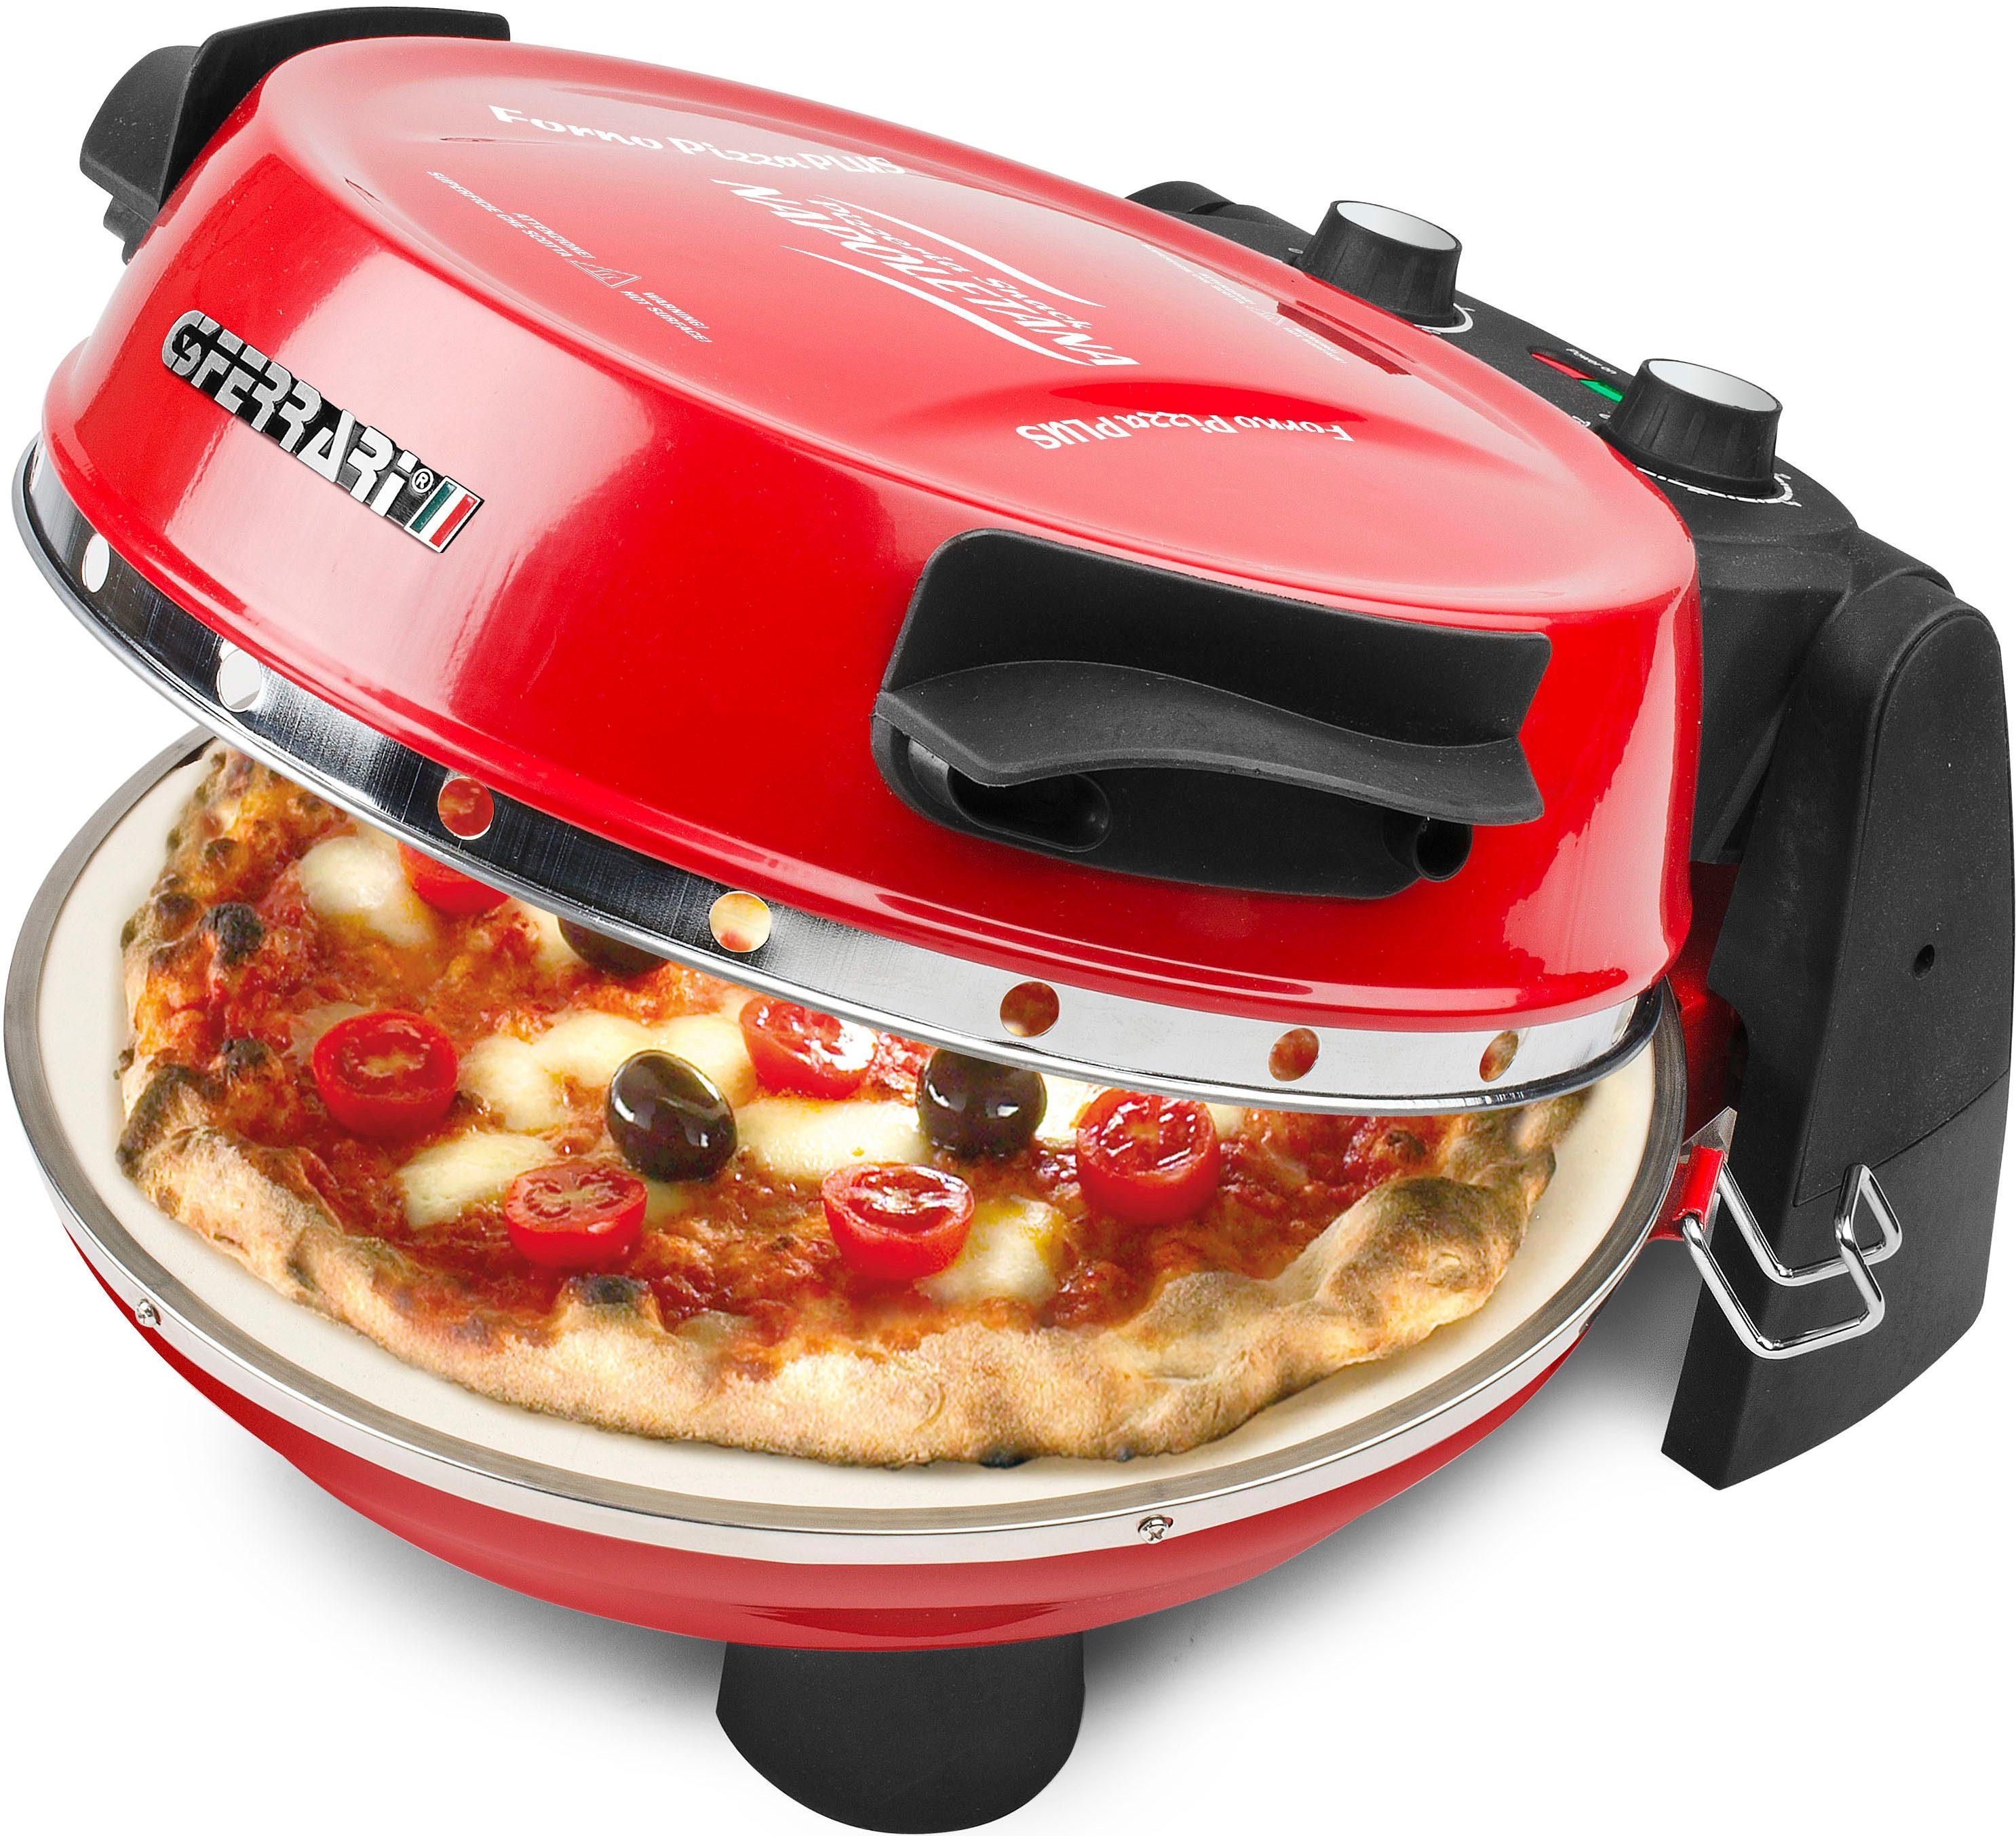 G3Ferrari Pizzamaker G10032 Napoletana mit zusätzlichem Stein im Deckel zum Überbacken